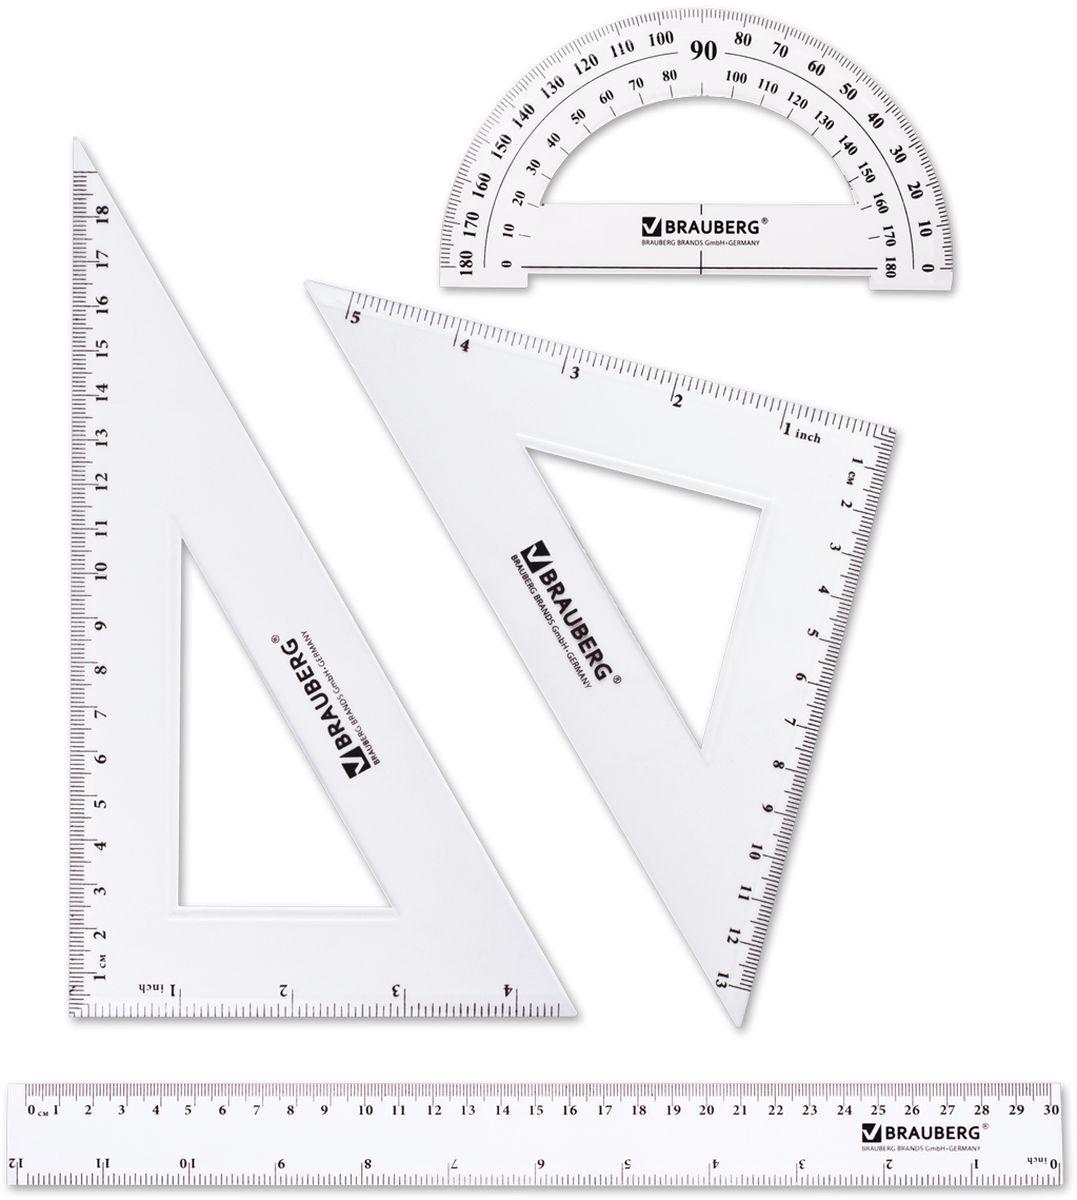 Brauberg Набор чертежный 4 предмета 210308210308Набор геометрический Brauberg из прозрачного, прочного пластика толщиной 2 мм. Предназначен для чертёжных работ. Набор включает в себя четыре предмета: линейка со шкалами 30 см/12, треугольник с углами 30°/60° и шкалами 19 см/4, треугольник с углами 45°/45° и шкалами 13 см/5, транспортир 180°.